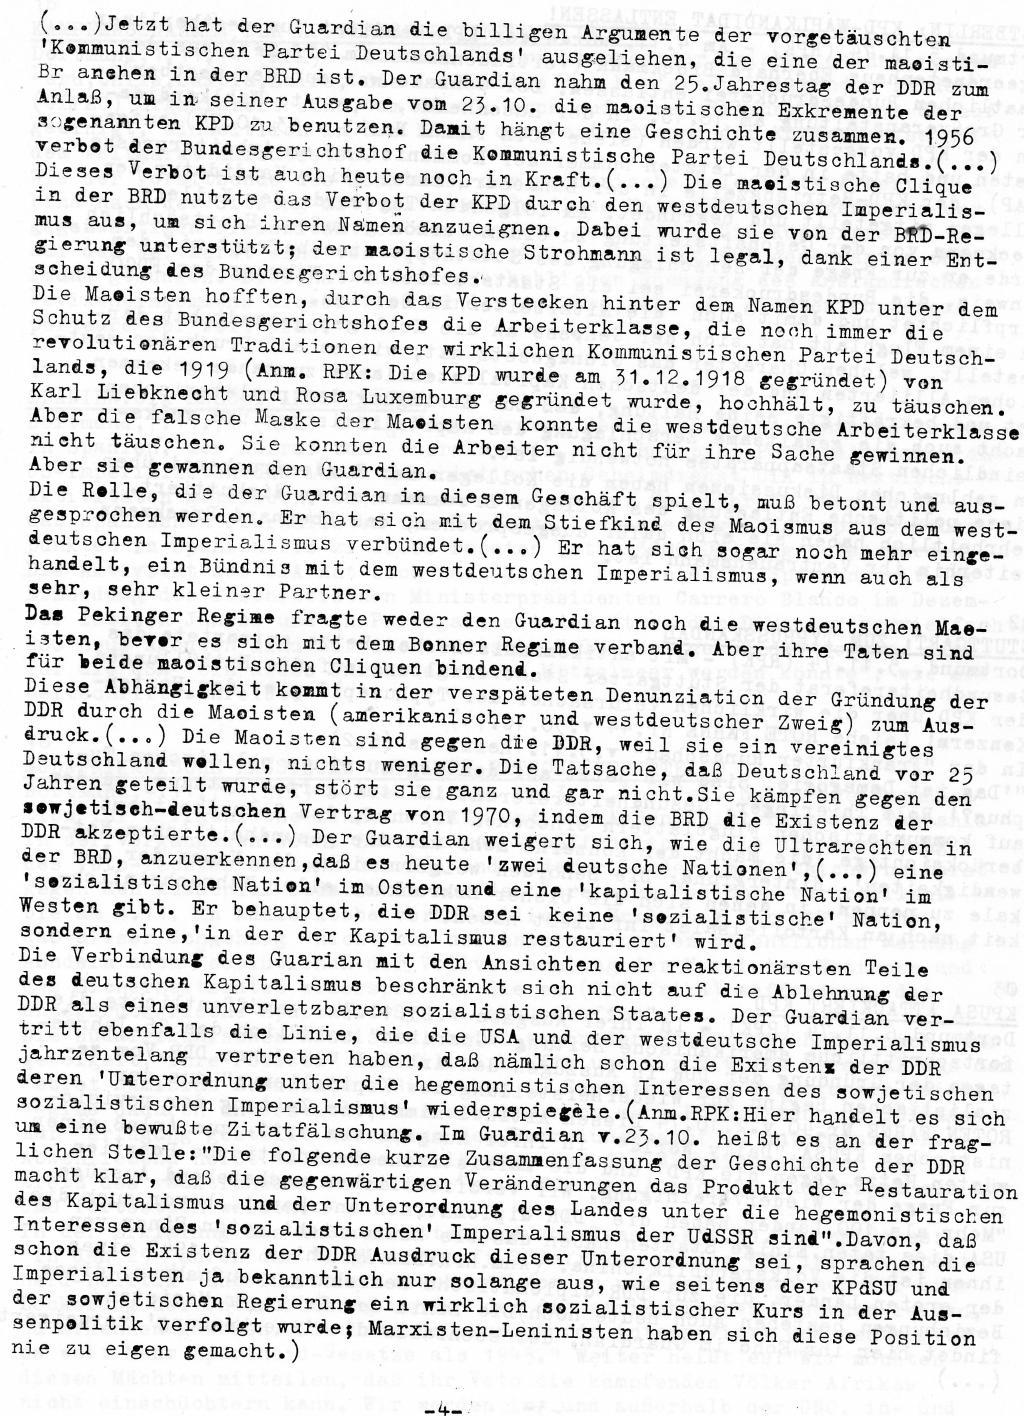 RPK_Pressedienst_1974_01_04